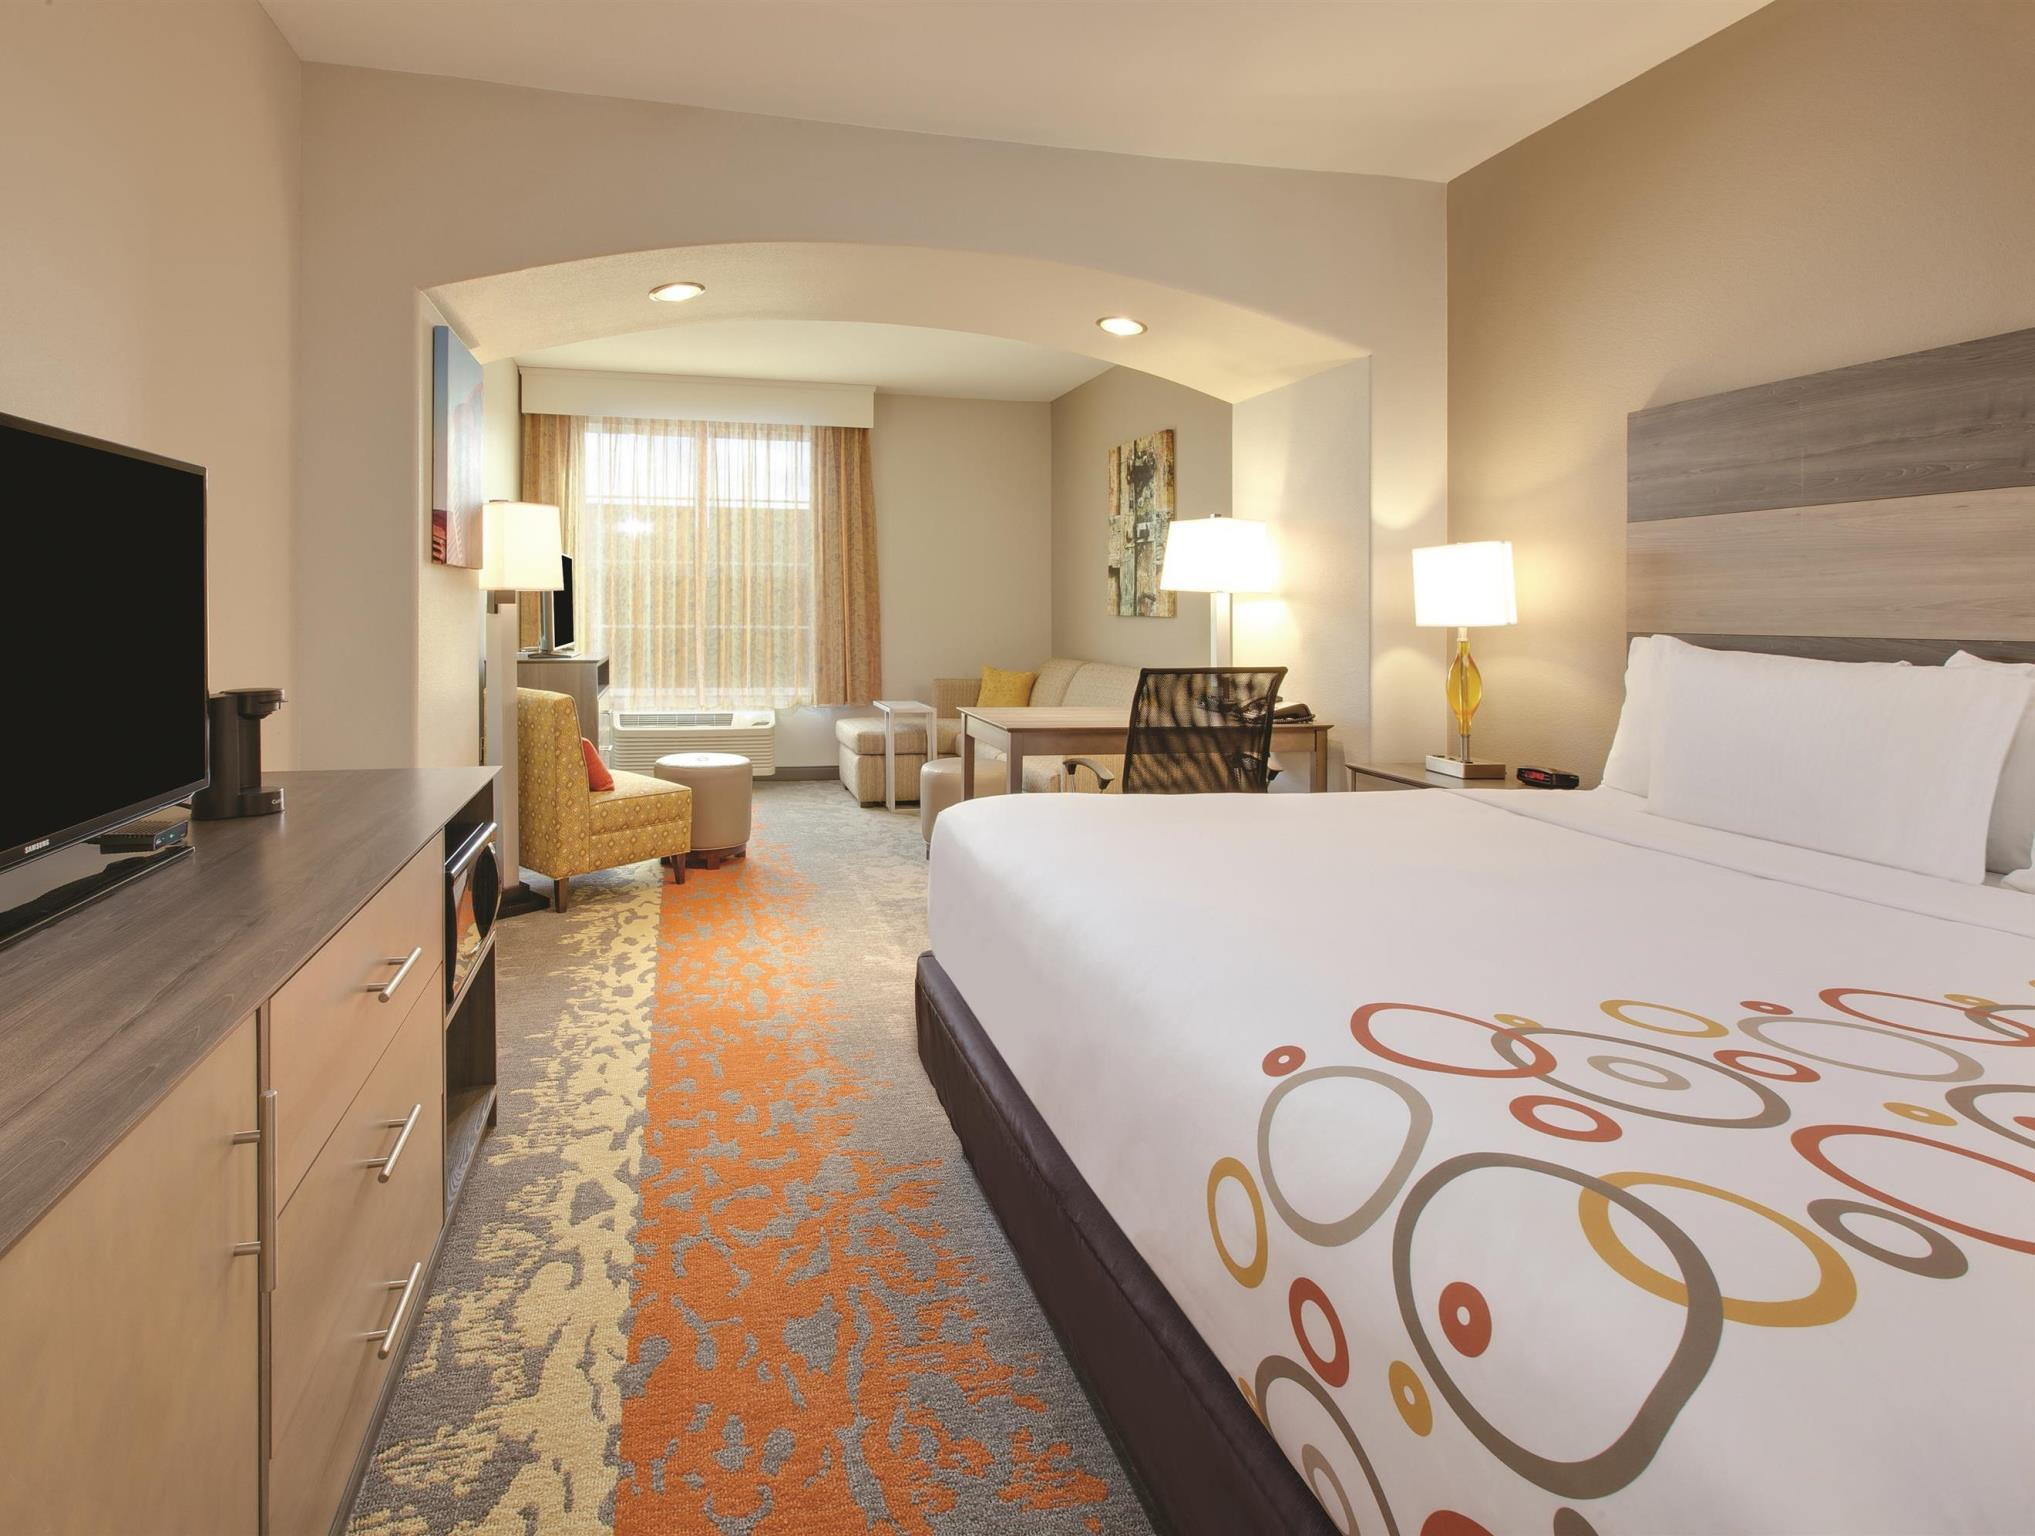 La Quinta Inn & Suites By Wyndham Andrews